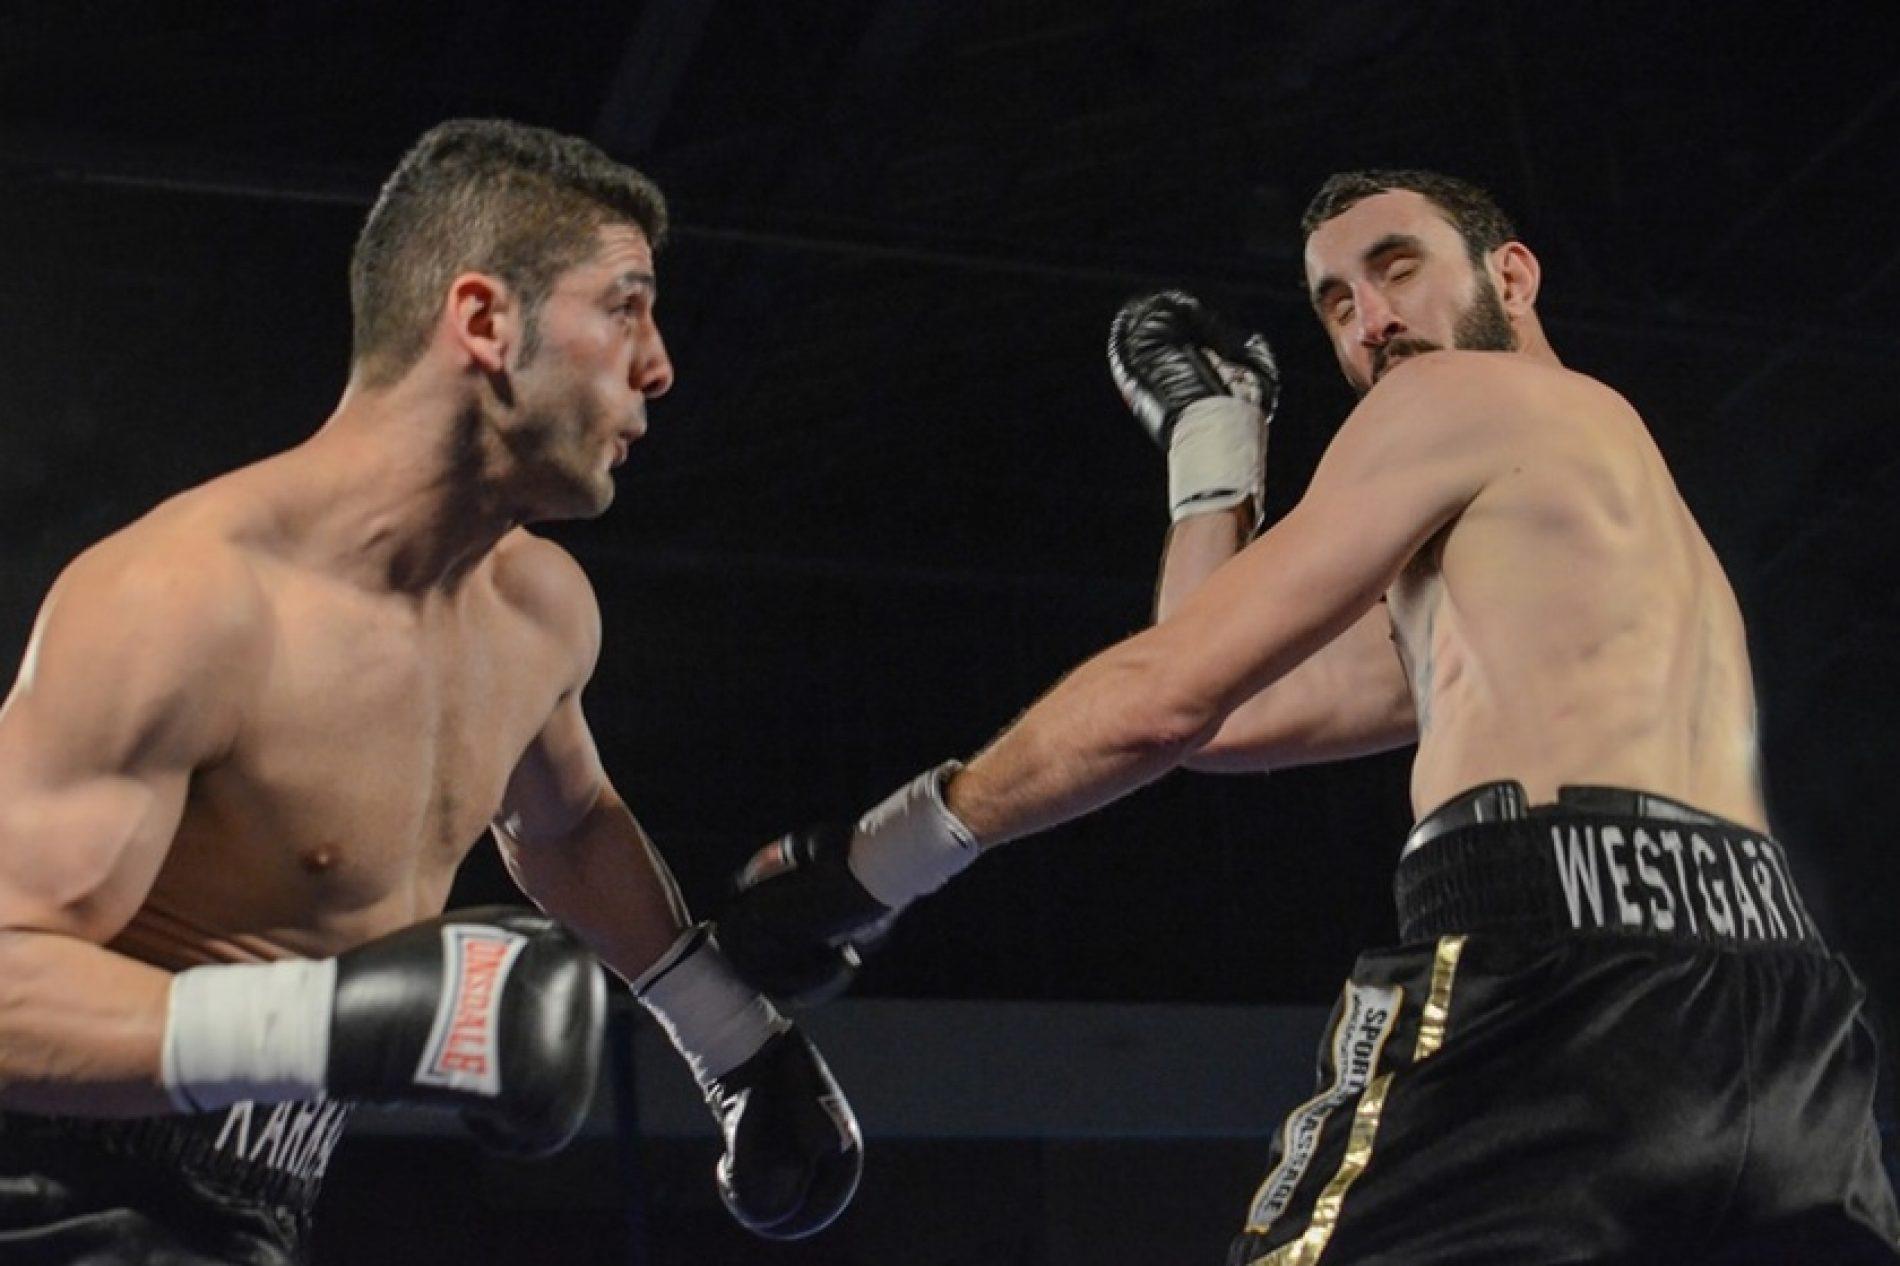 Boxeador vence luta, mas morre em seguida